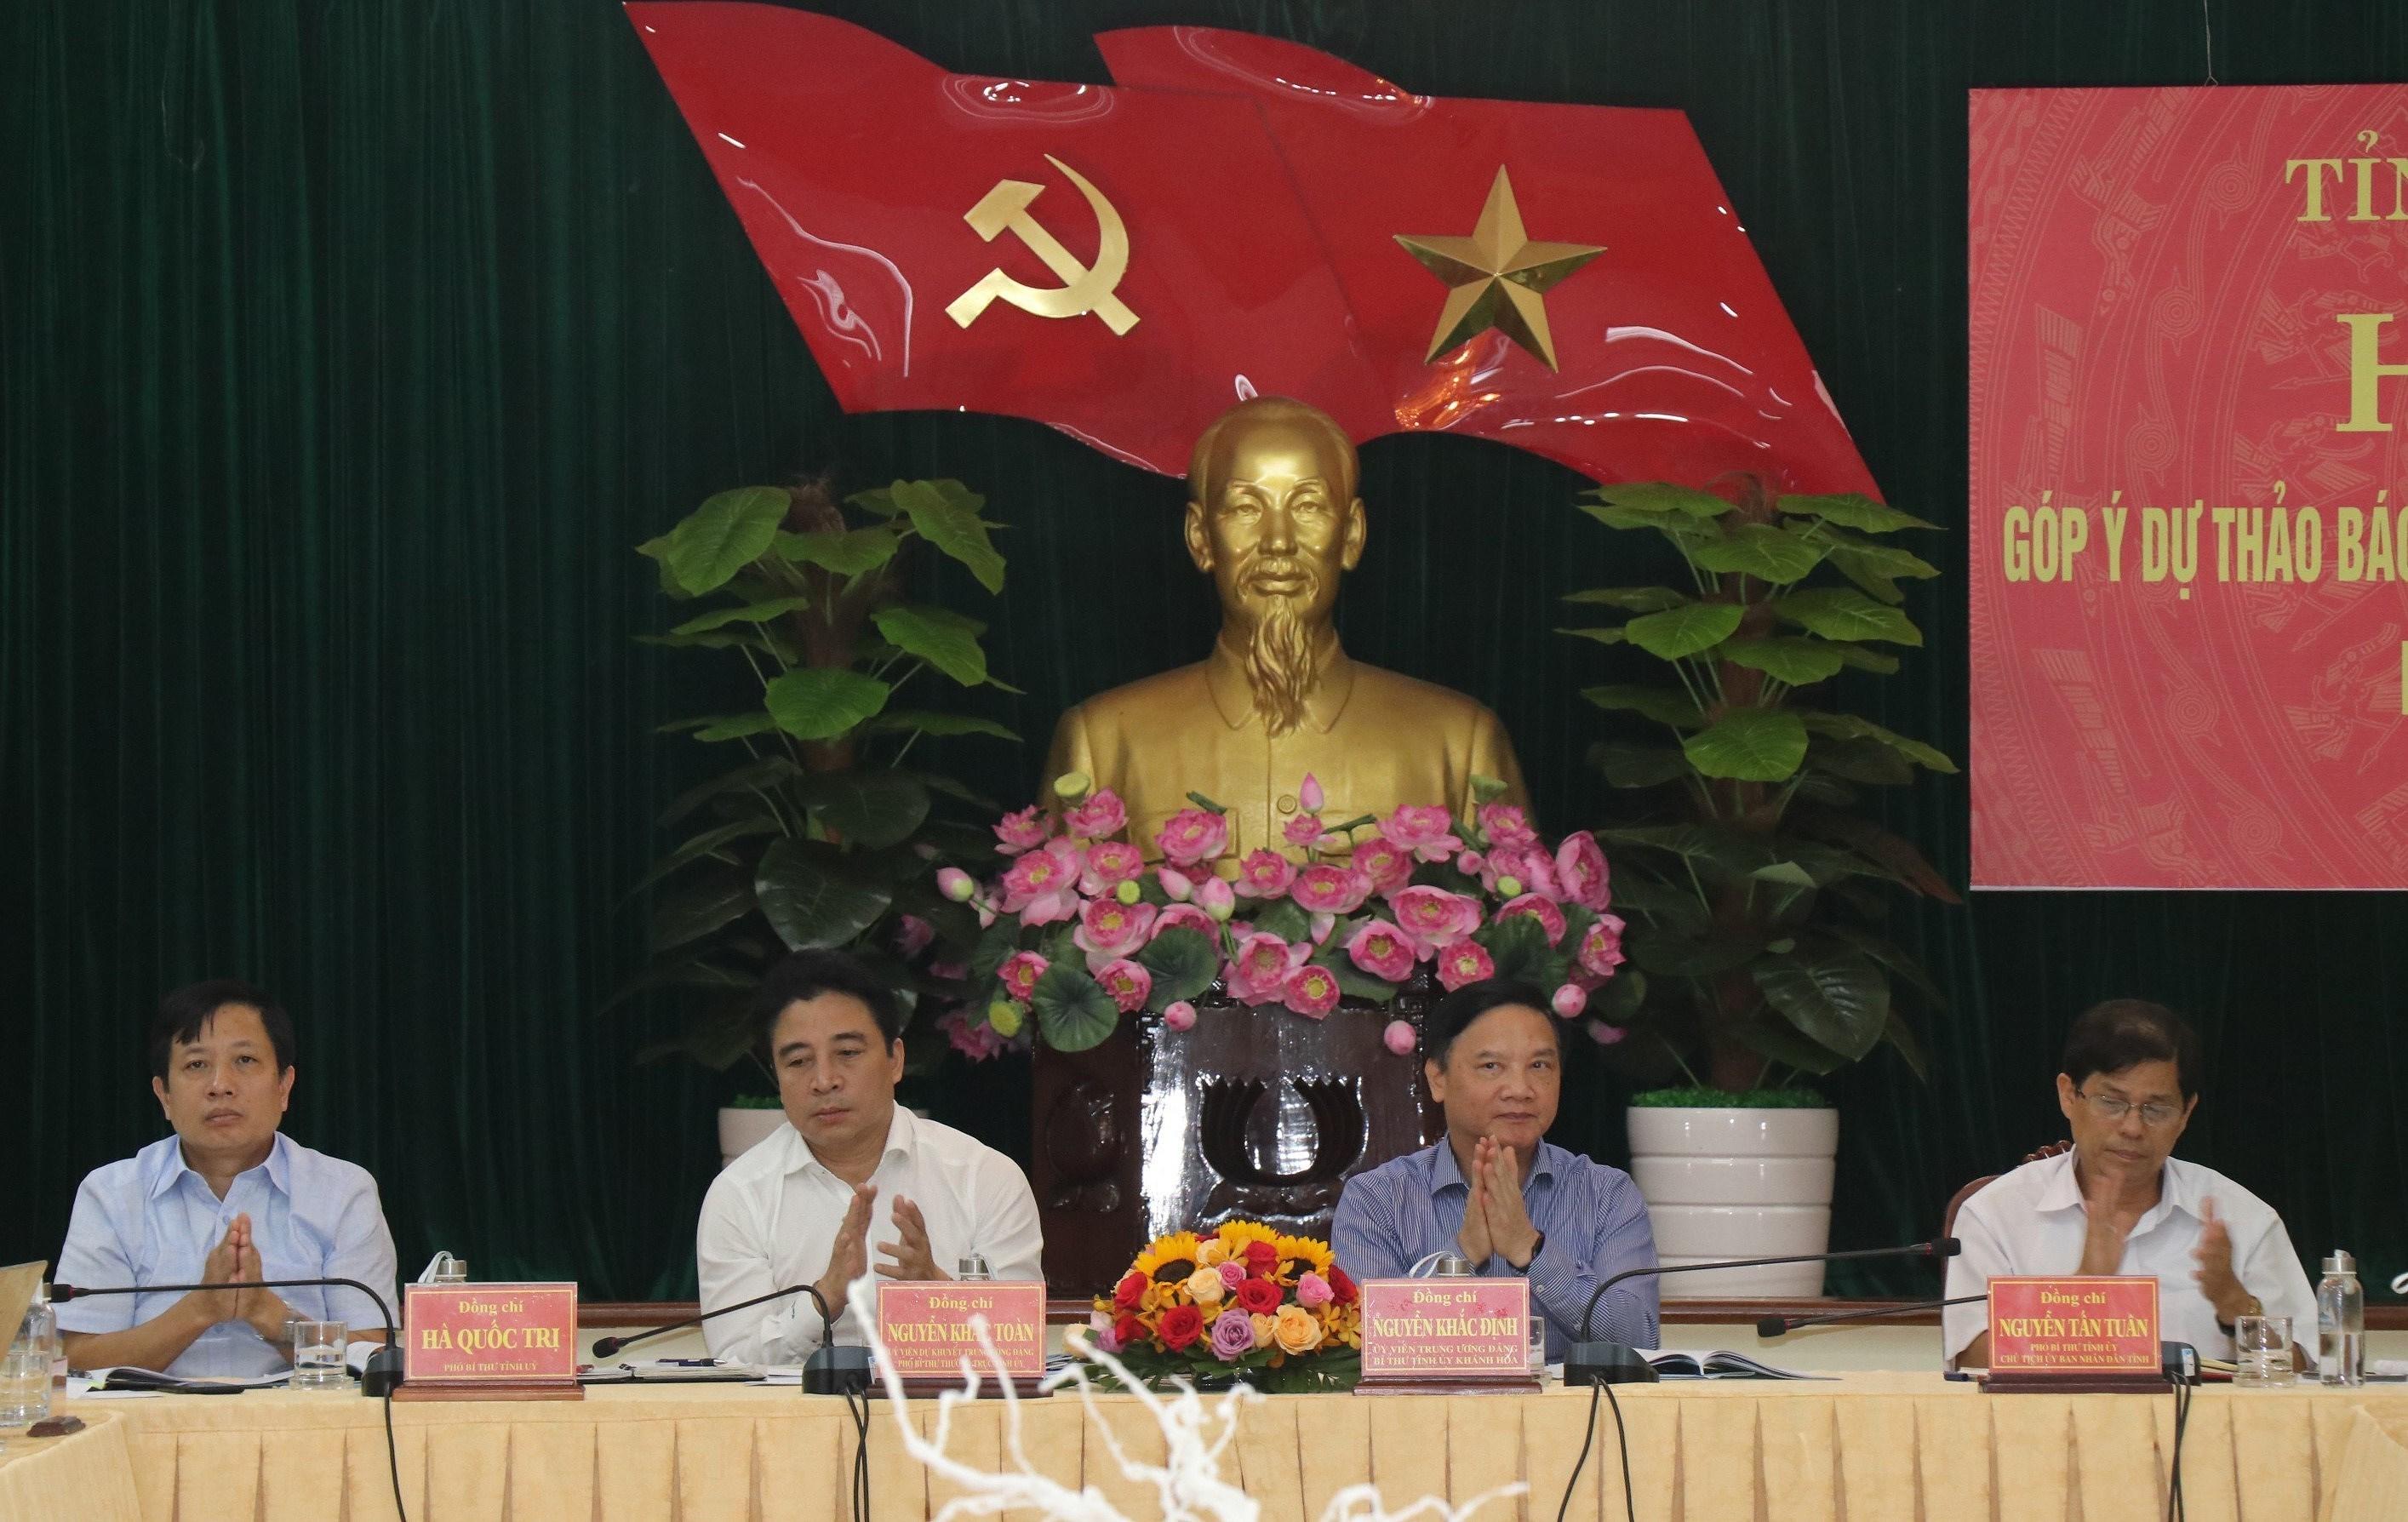 Gop y du thao Bao cao chinh tri Ban Chap hanh Dang bo tinh Khanh Hoa hinh anh 1